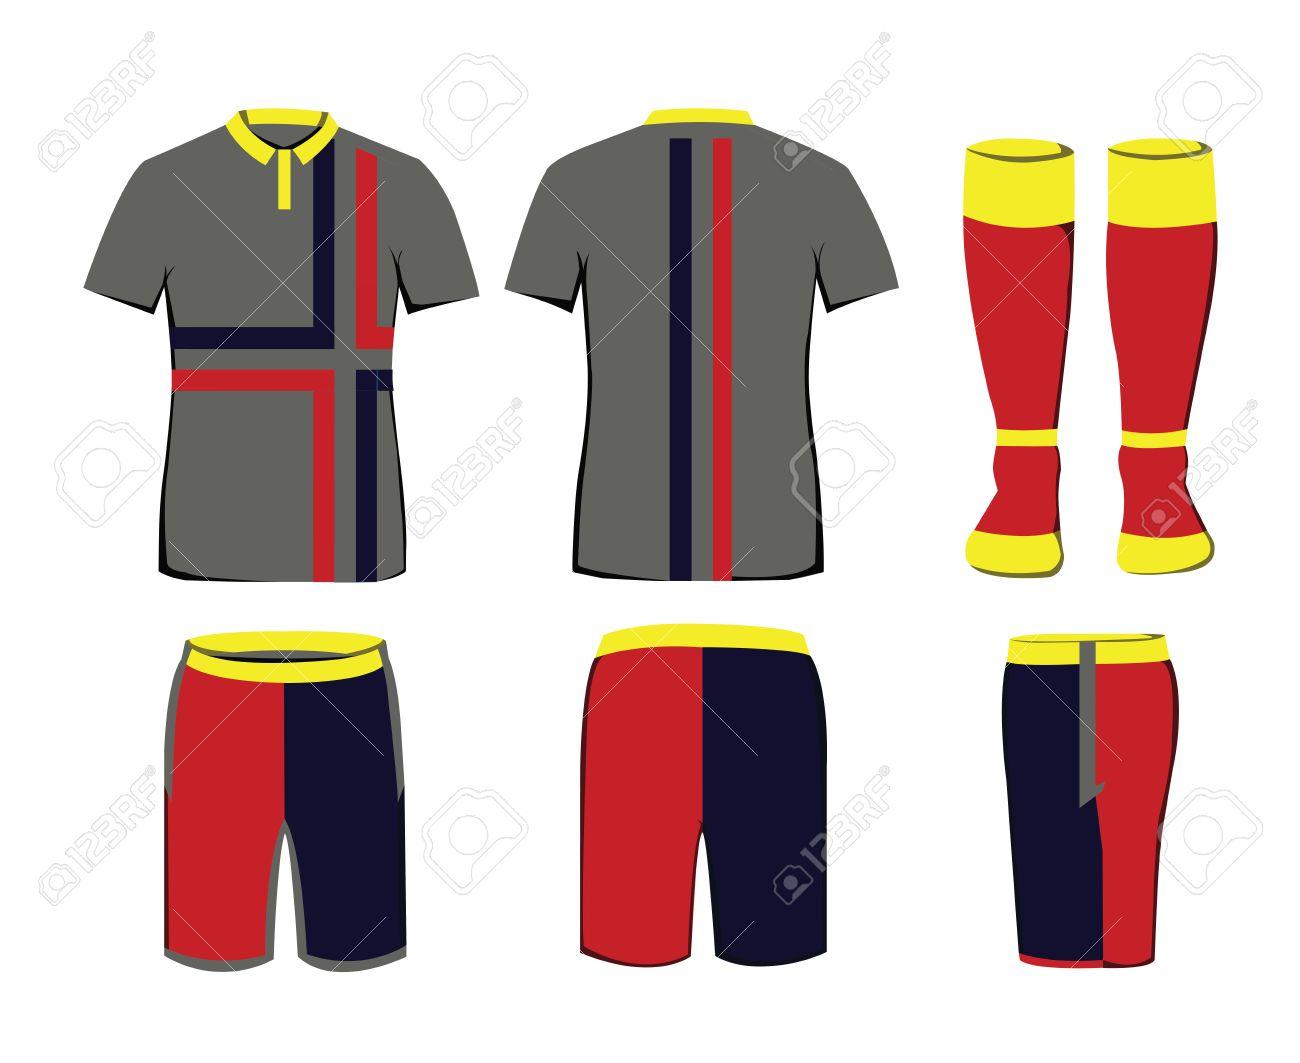 selección asombrosa comprar oficial comprar baratas Uniforme de ropa deportiva. ilustración vectorial de fondo digital. diseño  elegante para las camisetas, los pantalones cortos y calcetines.